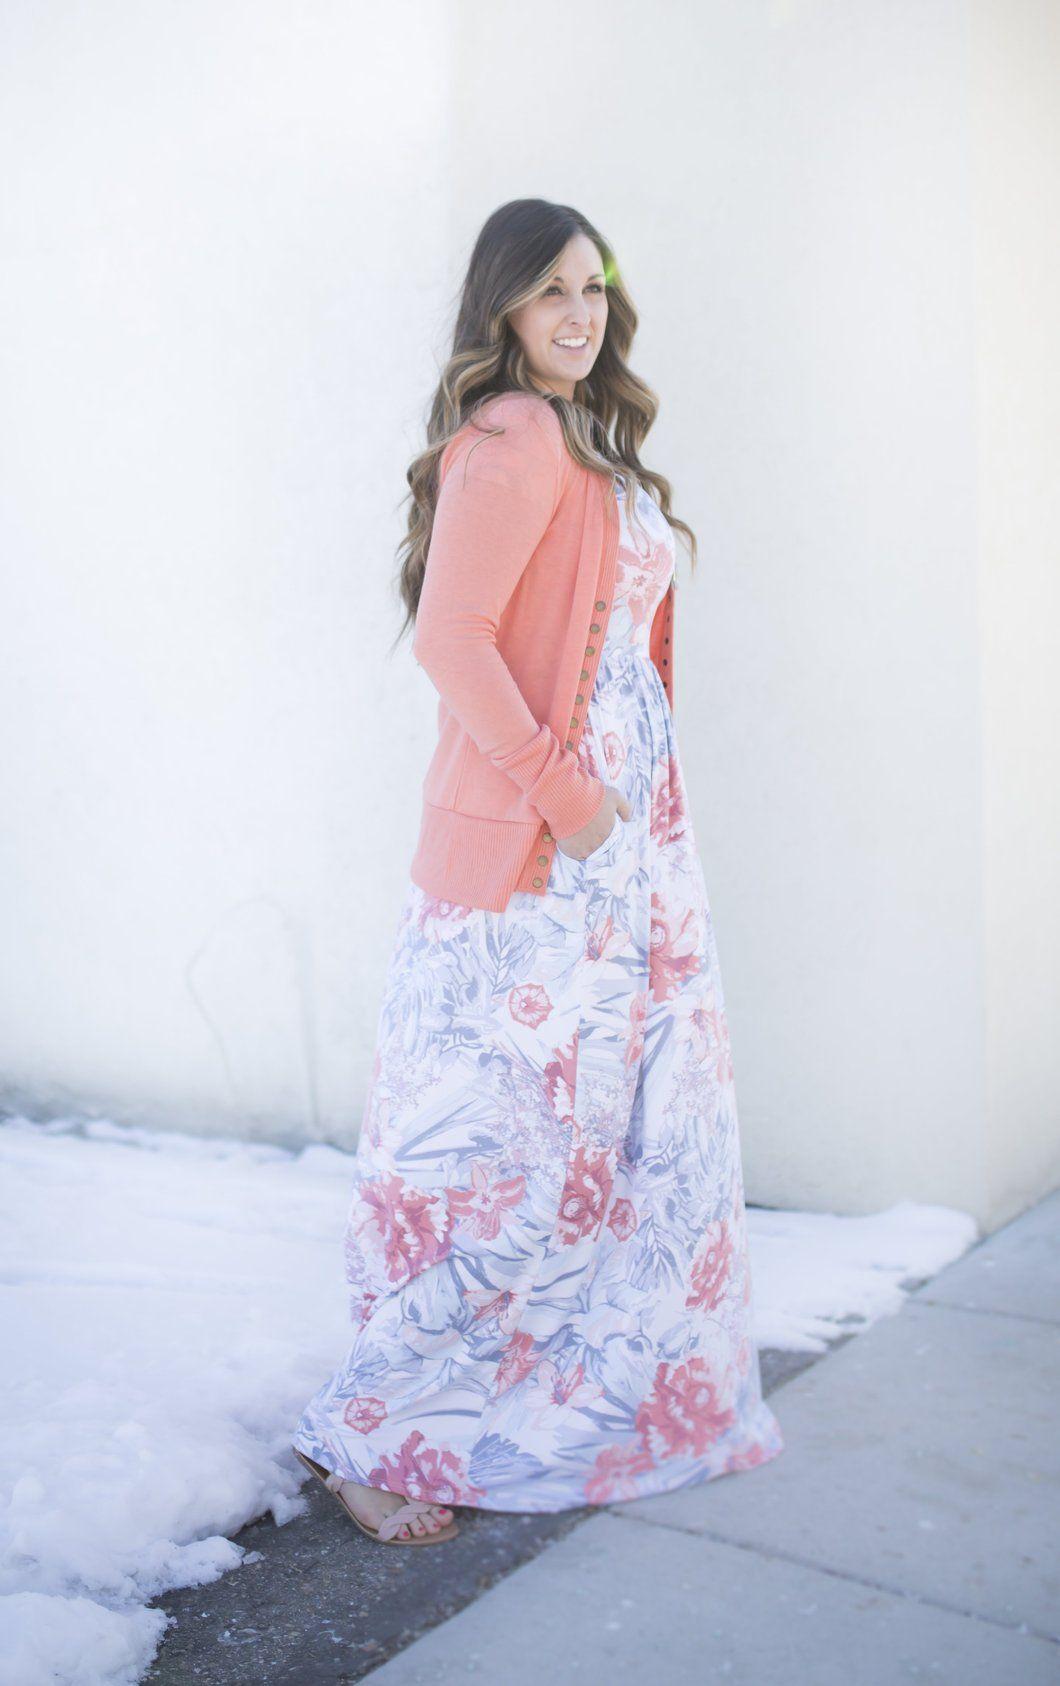 Blue And Coral Maxi Dress Https M Facebook Com Groups 320259541812300 Maxi Dress Summer Maxi Dress Floral Blue Floral Maxi Dress [ 1686 x 1060 Pixel ]